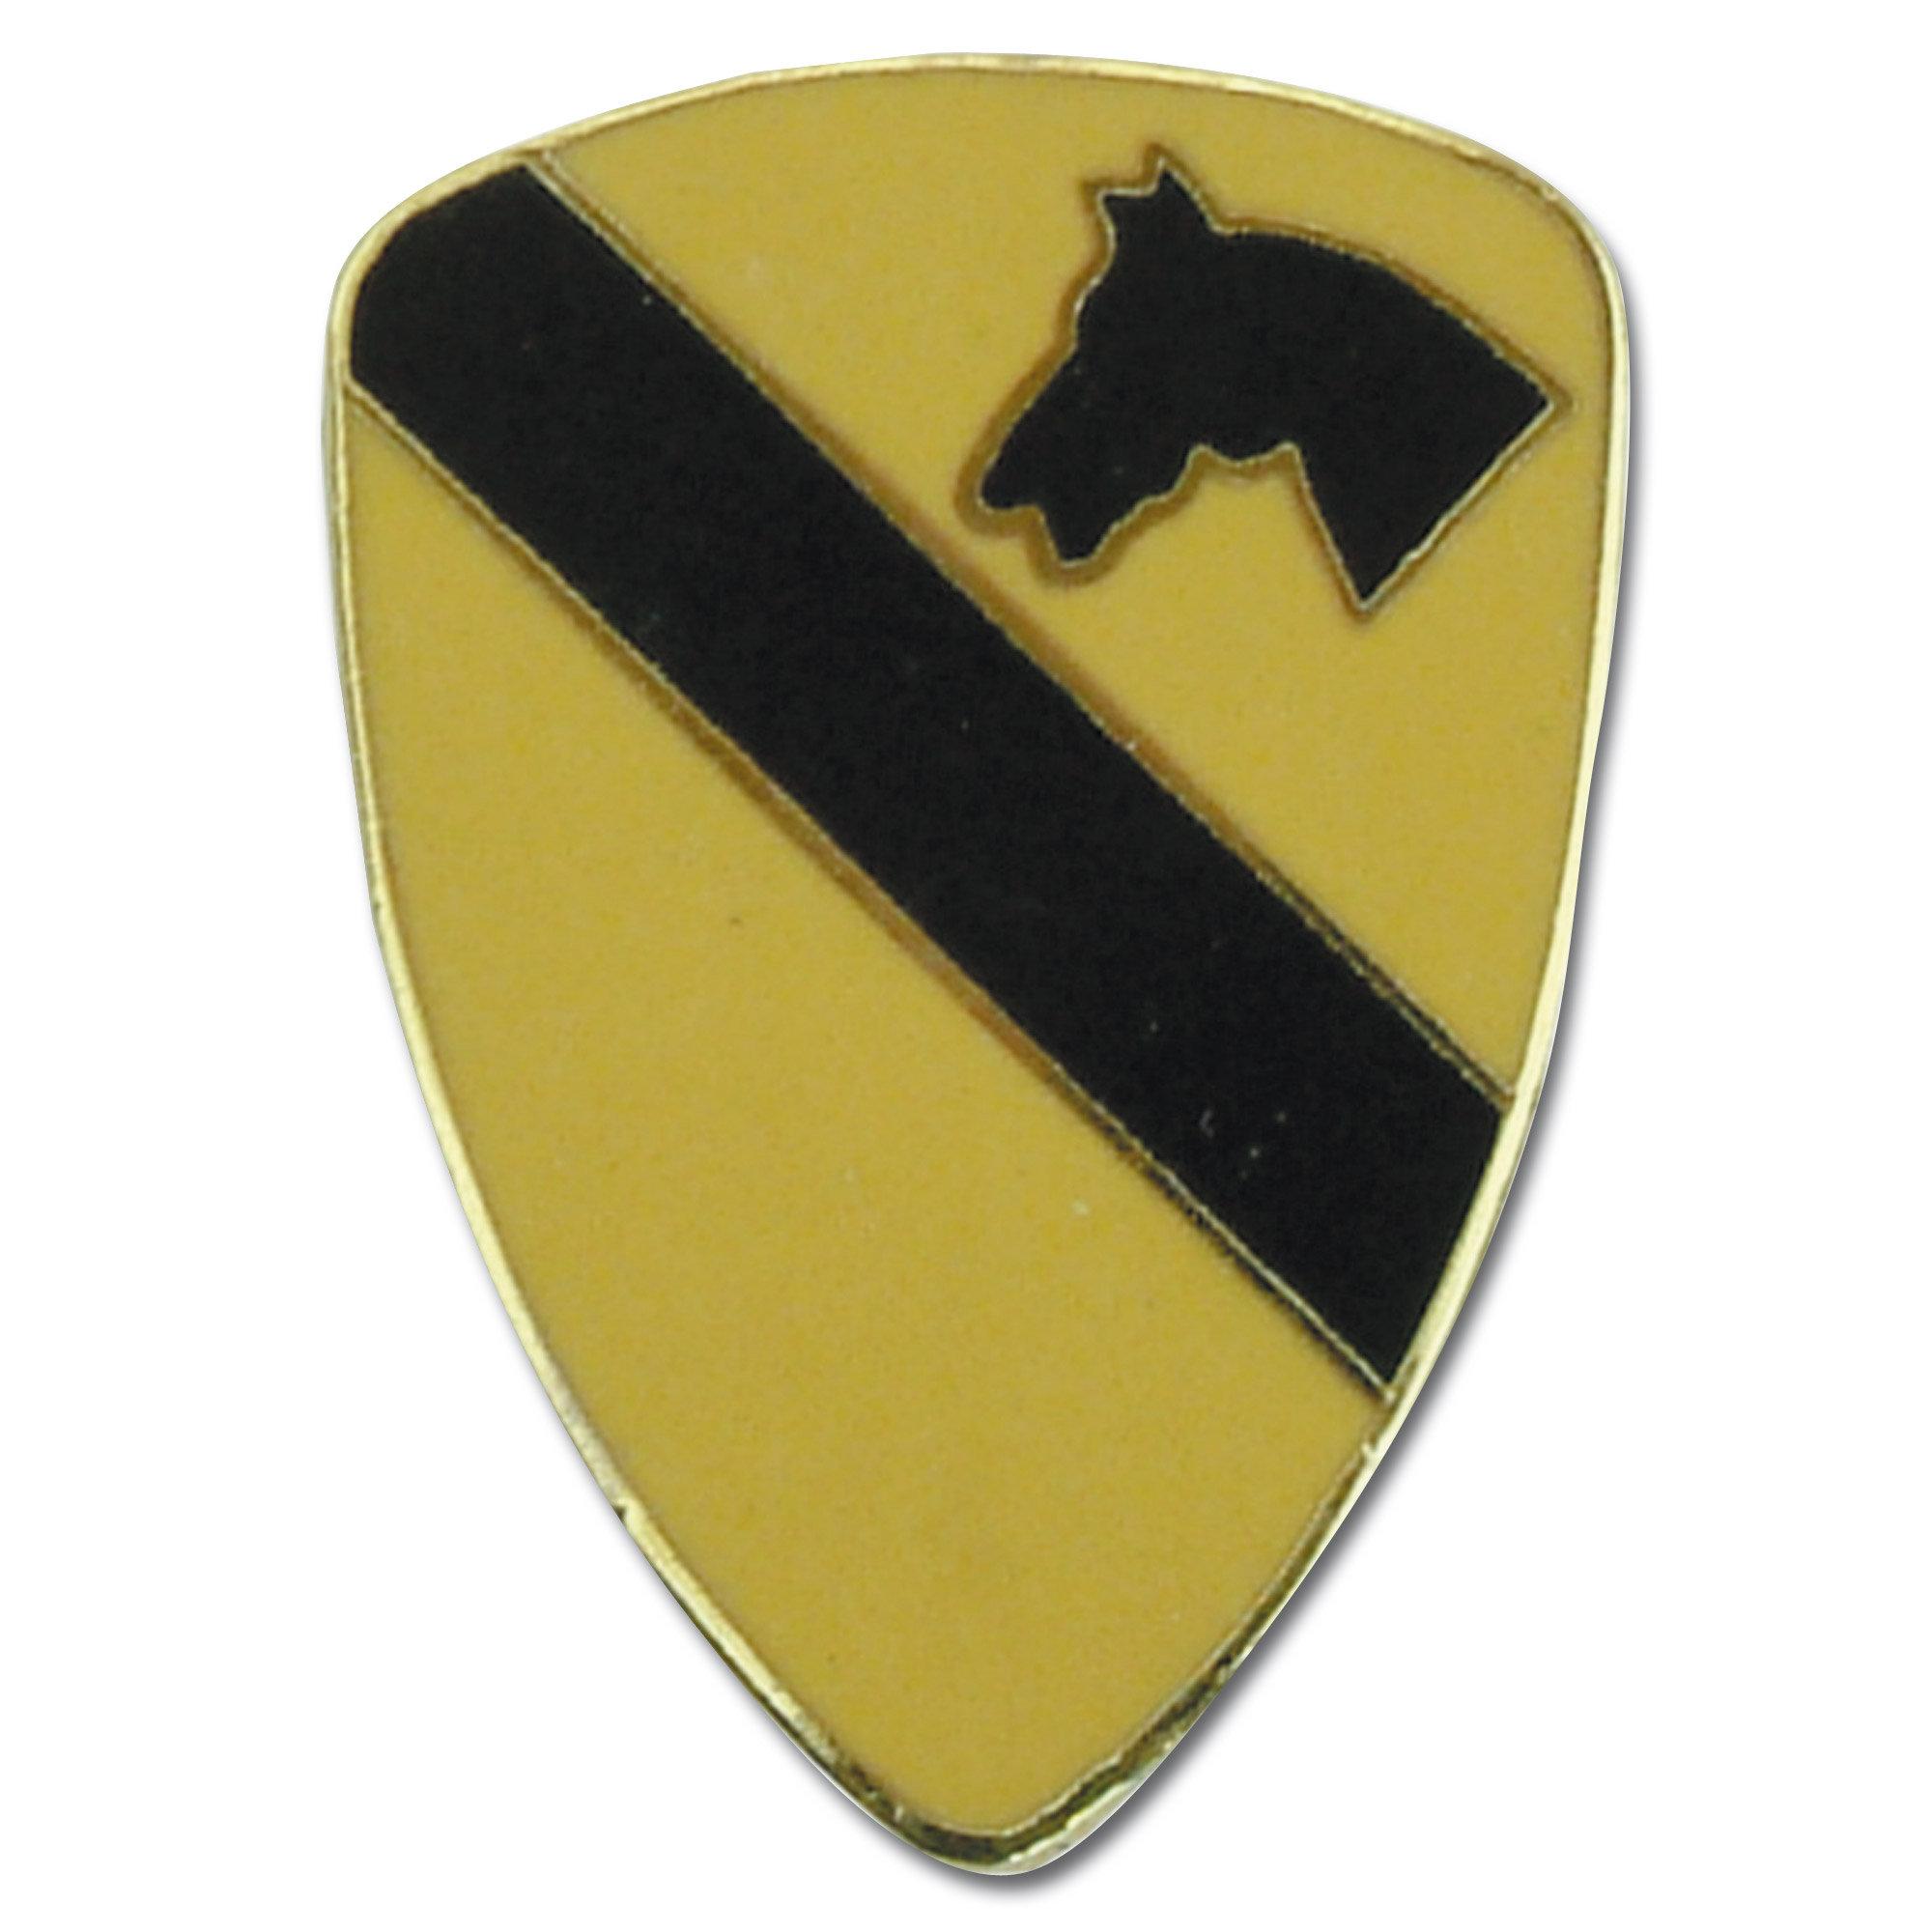 Insignia crest 1st Cavalry Division